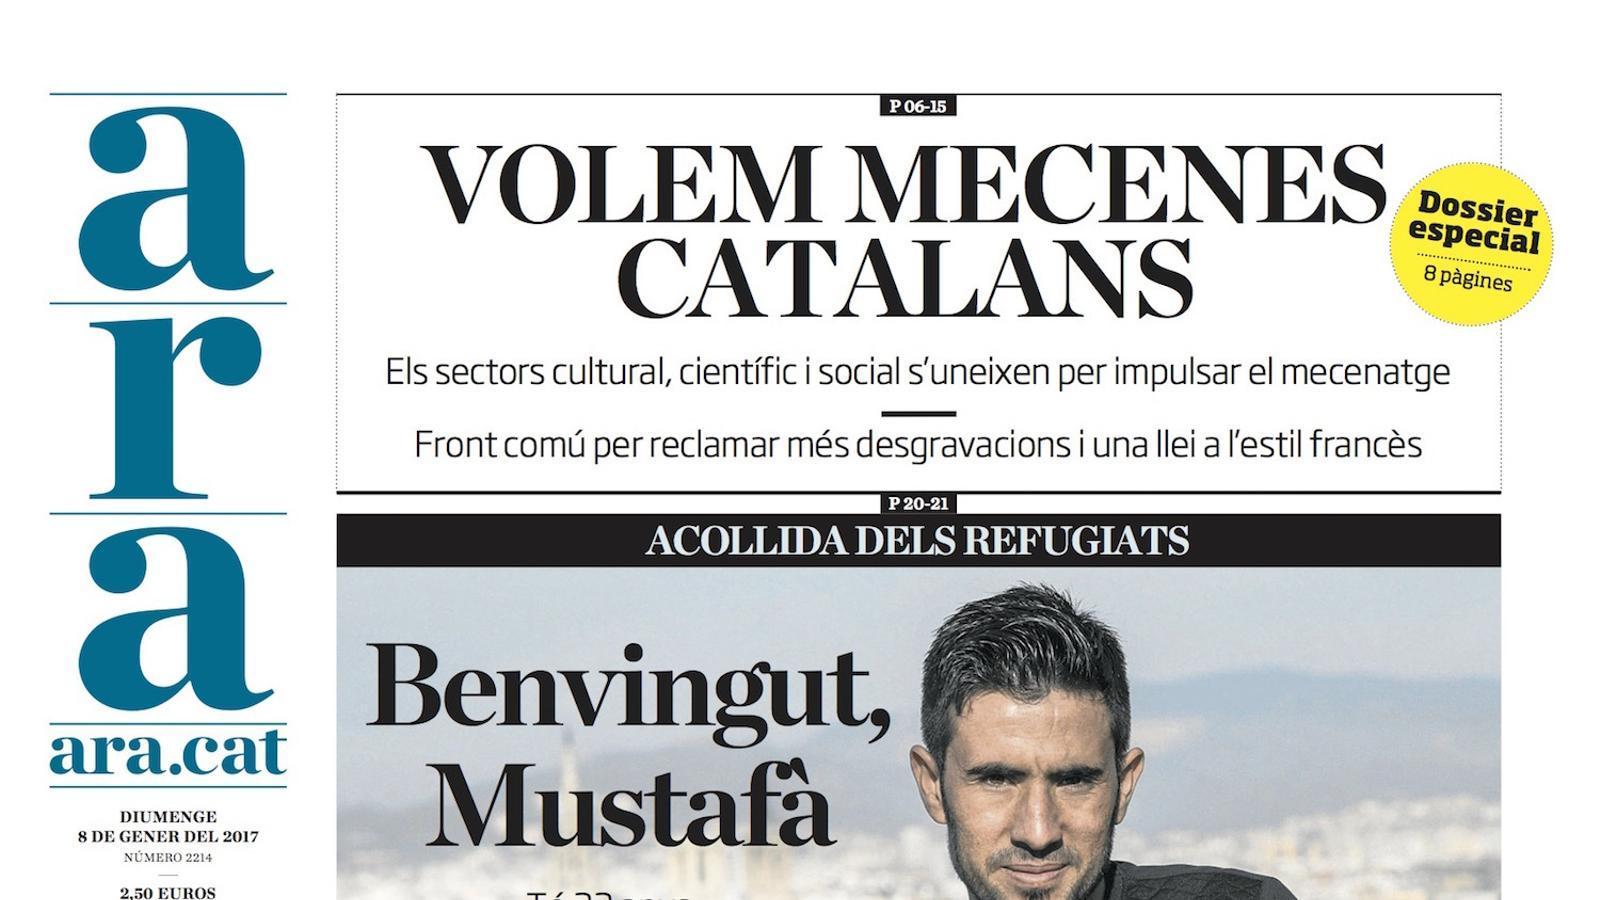 """""""Volem mecenes catalans"""", a la portada de l'ARA"""